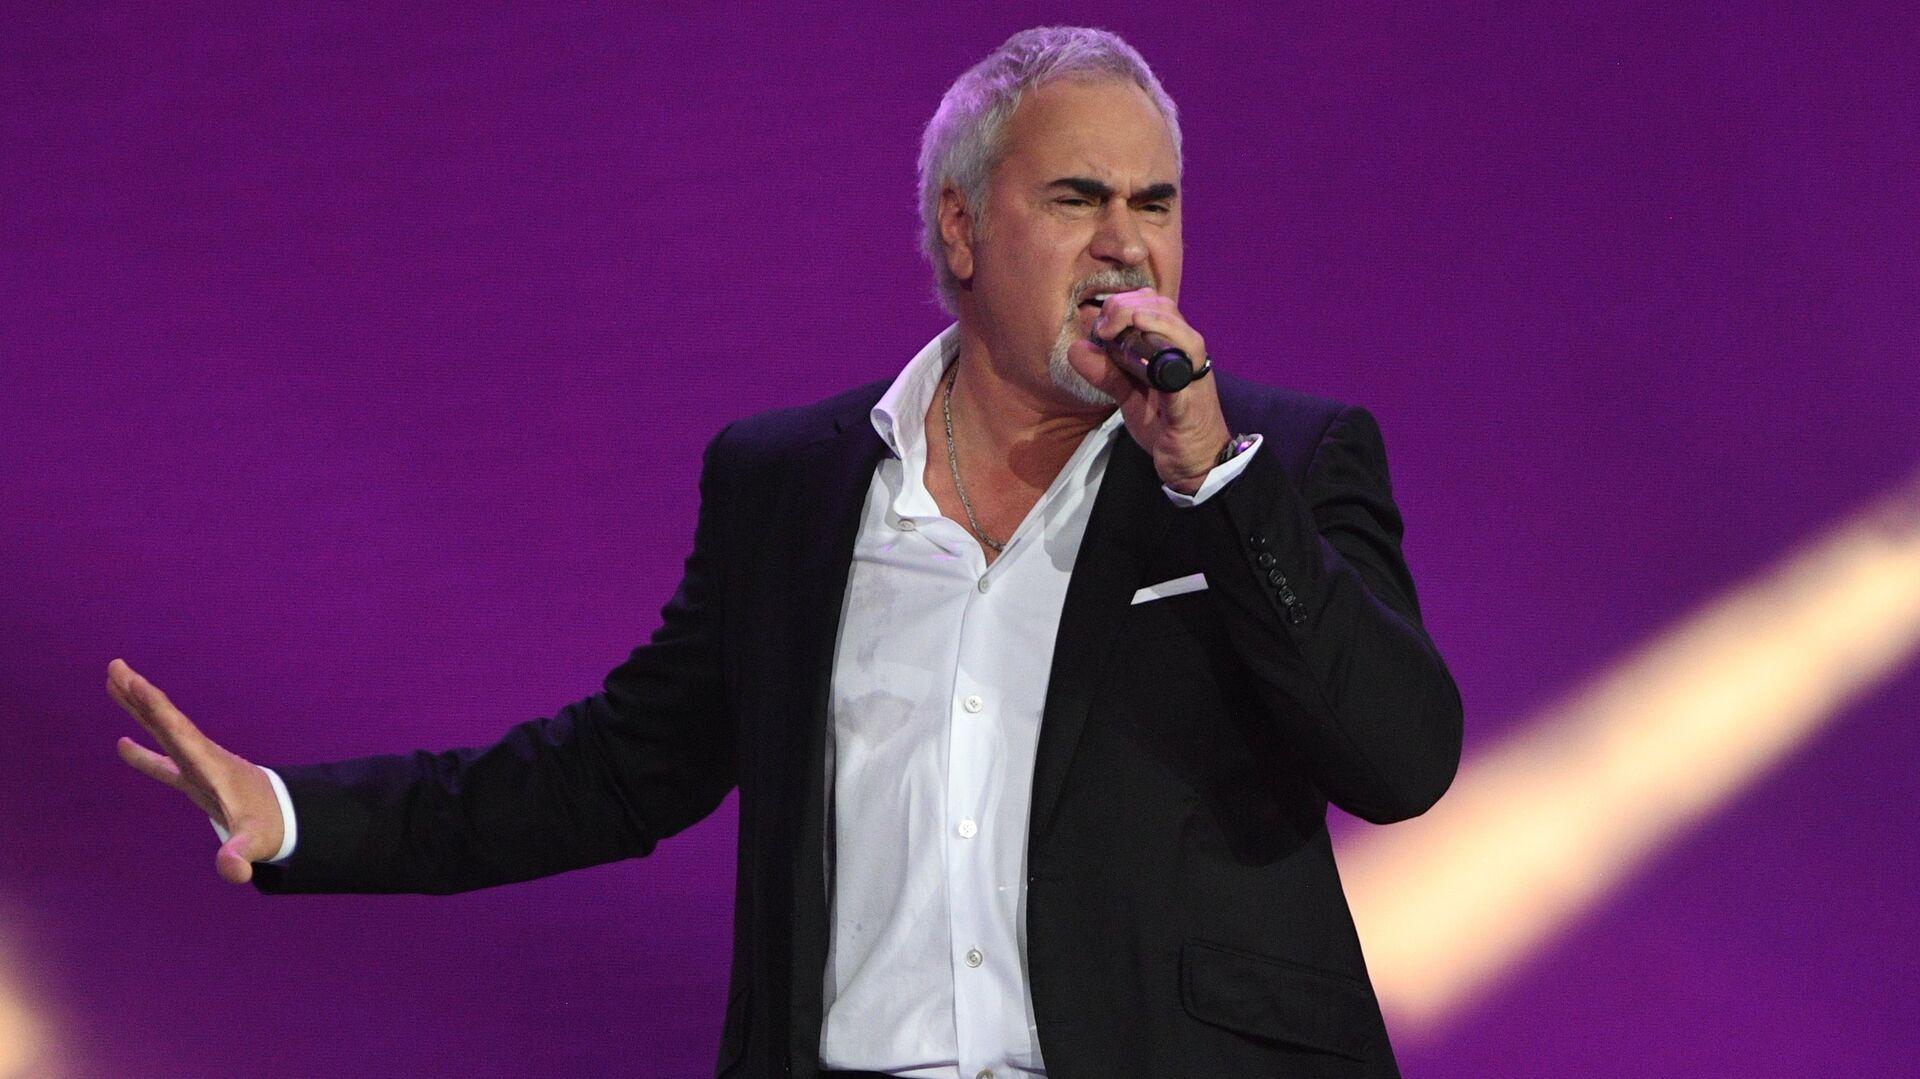 Меладзе объяснил свои слова о бойкоте съемок в новогодних передачах